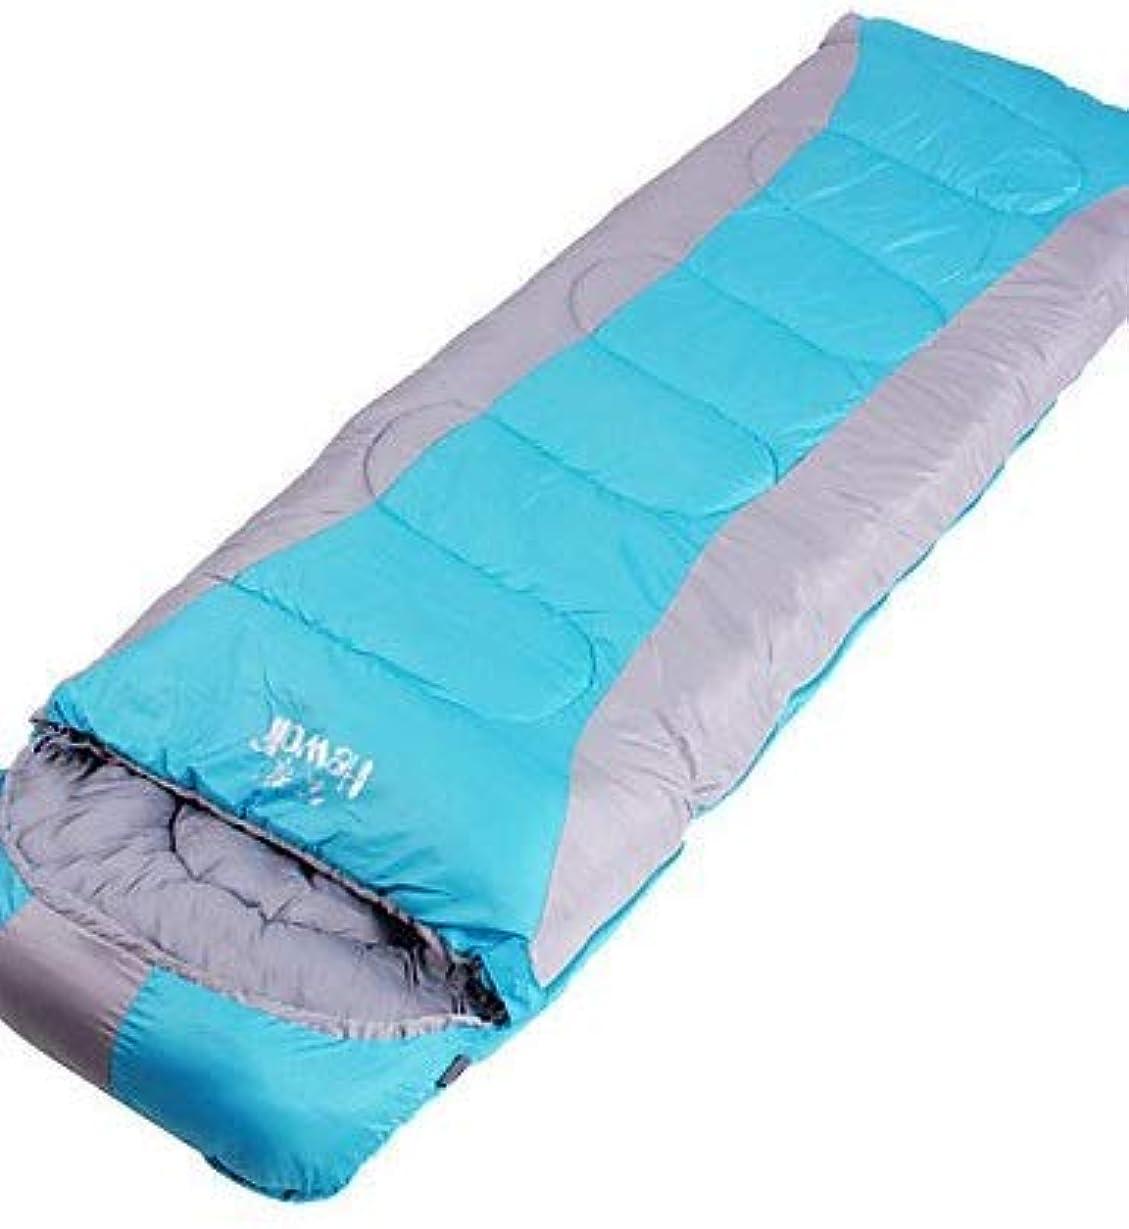 刺すカウンターパート予測するhewolf保温ポリエステル寝袋1,3 kg 1537 /青/オレンジ